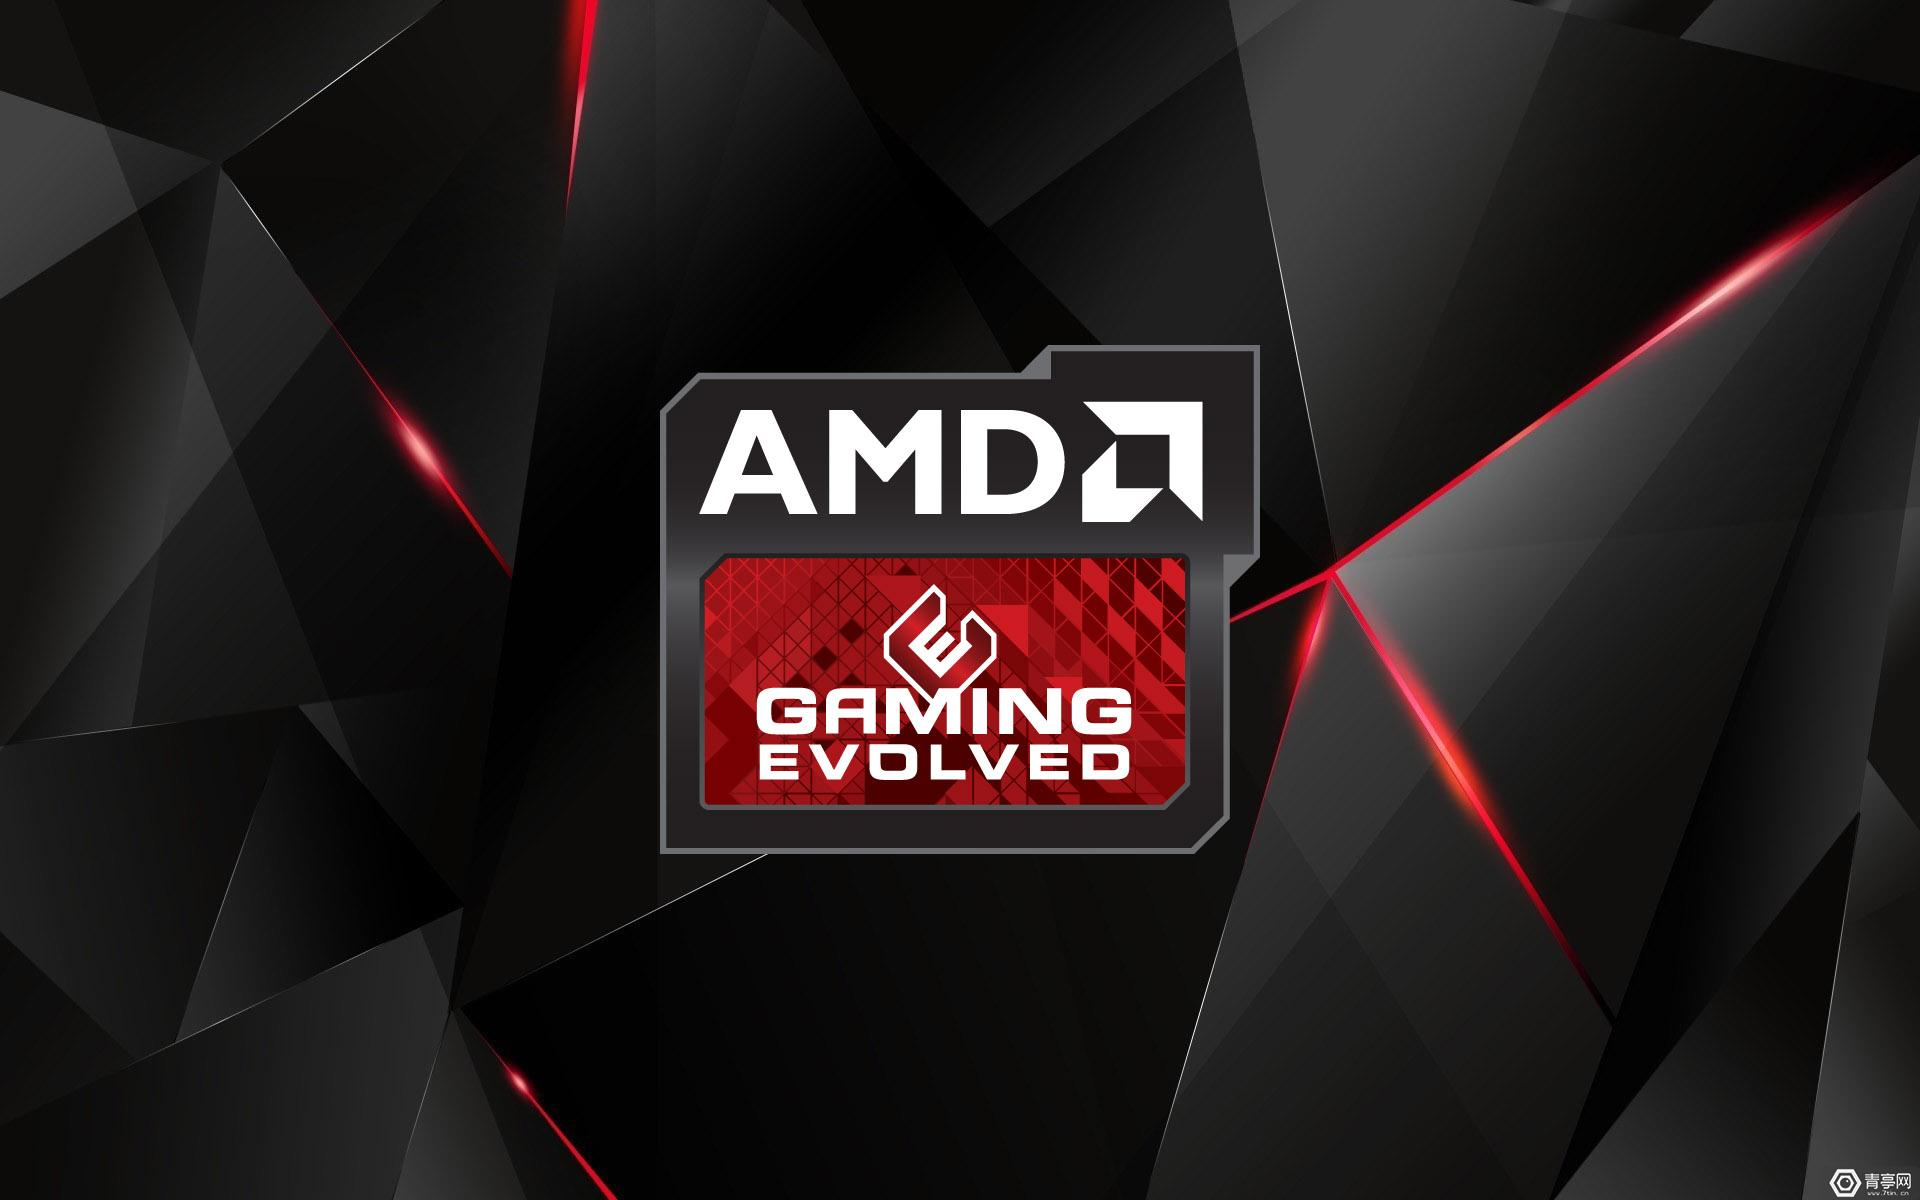 外媒爆料AMD正研发ARM处理器,对标苹果M1